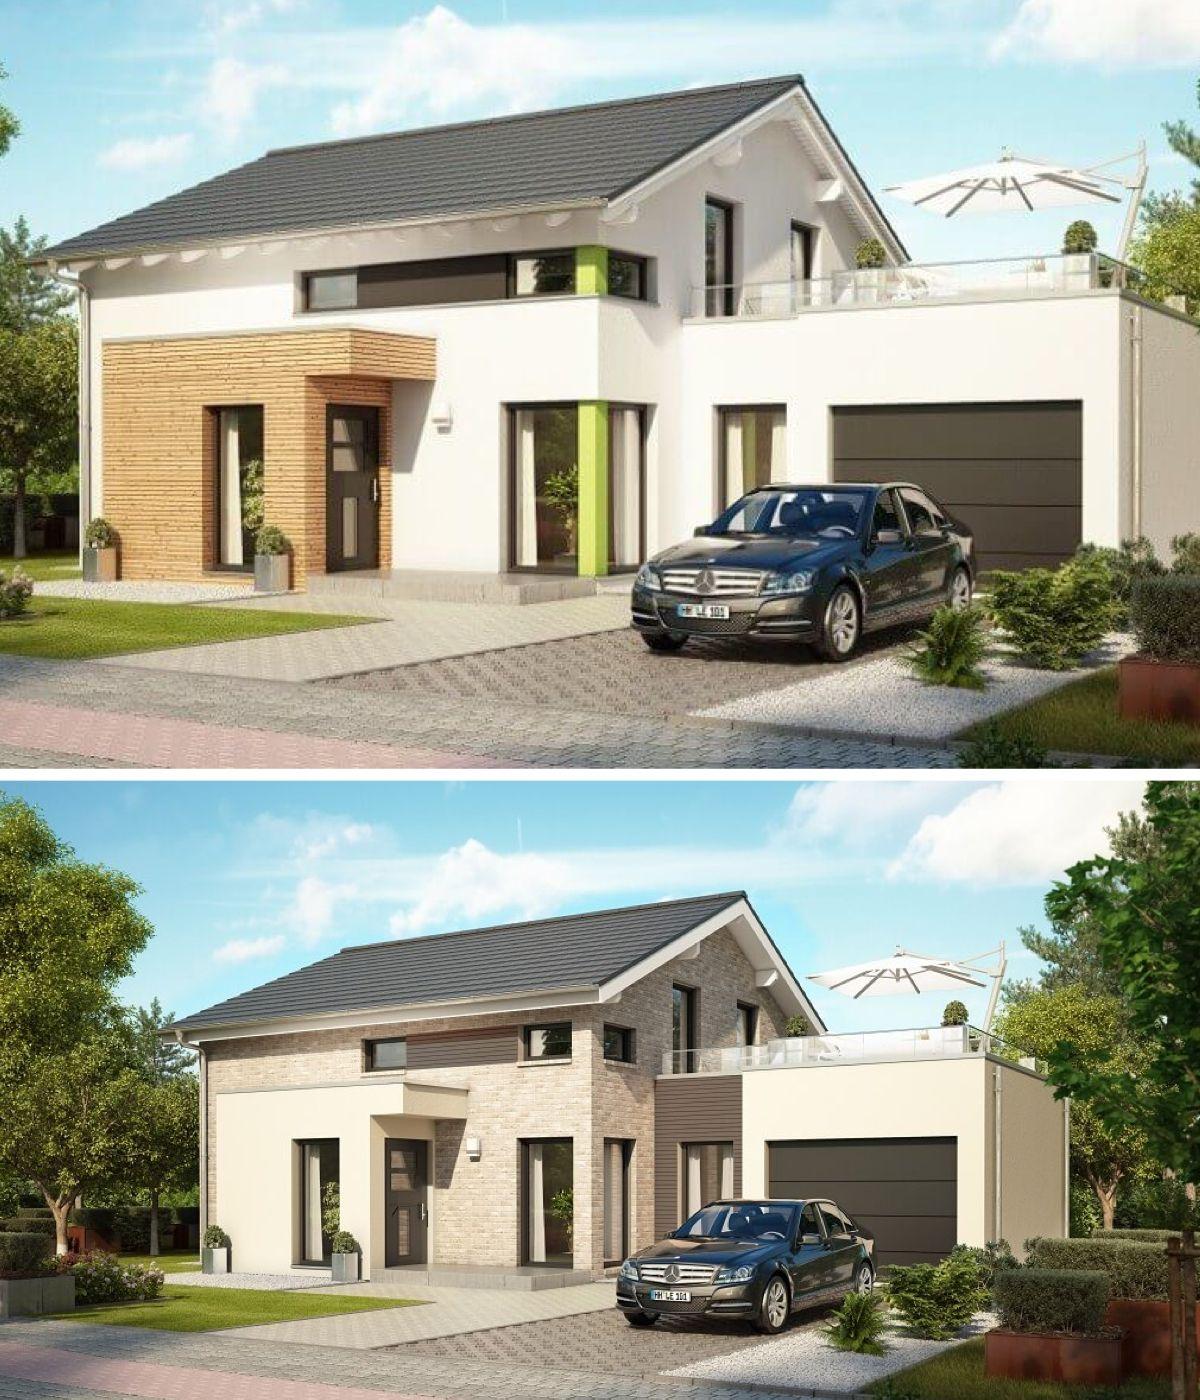 Einfamilienhaus Mit Garage Haus Evolution 143 V6 Bien Zenker